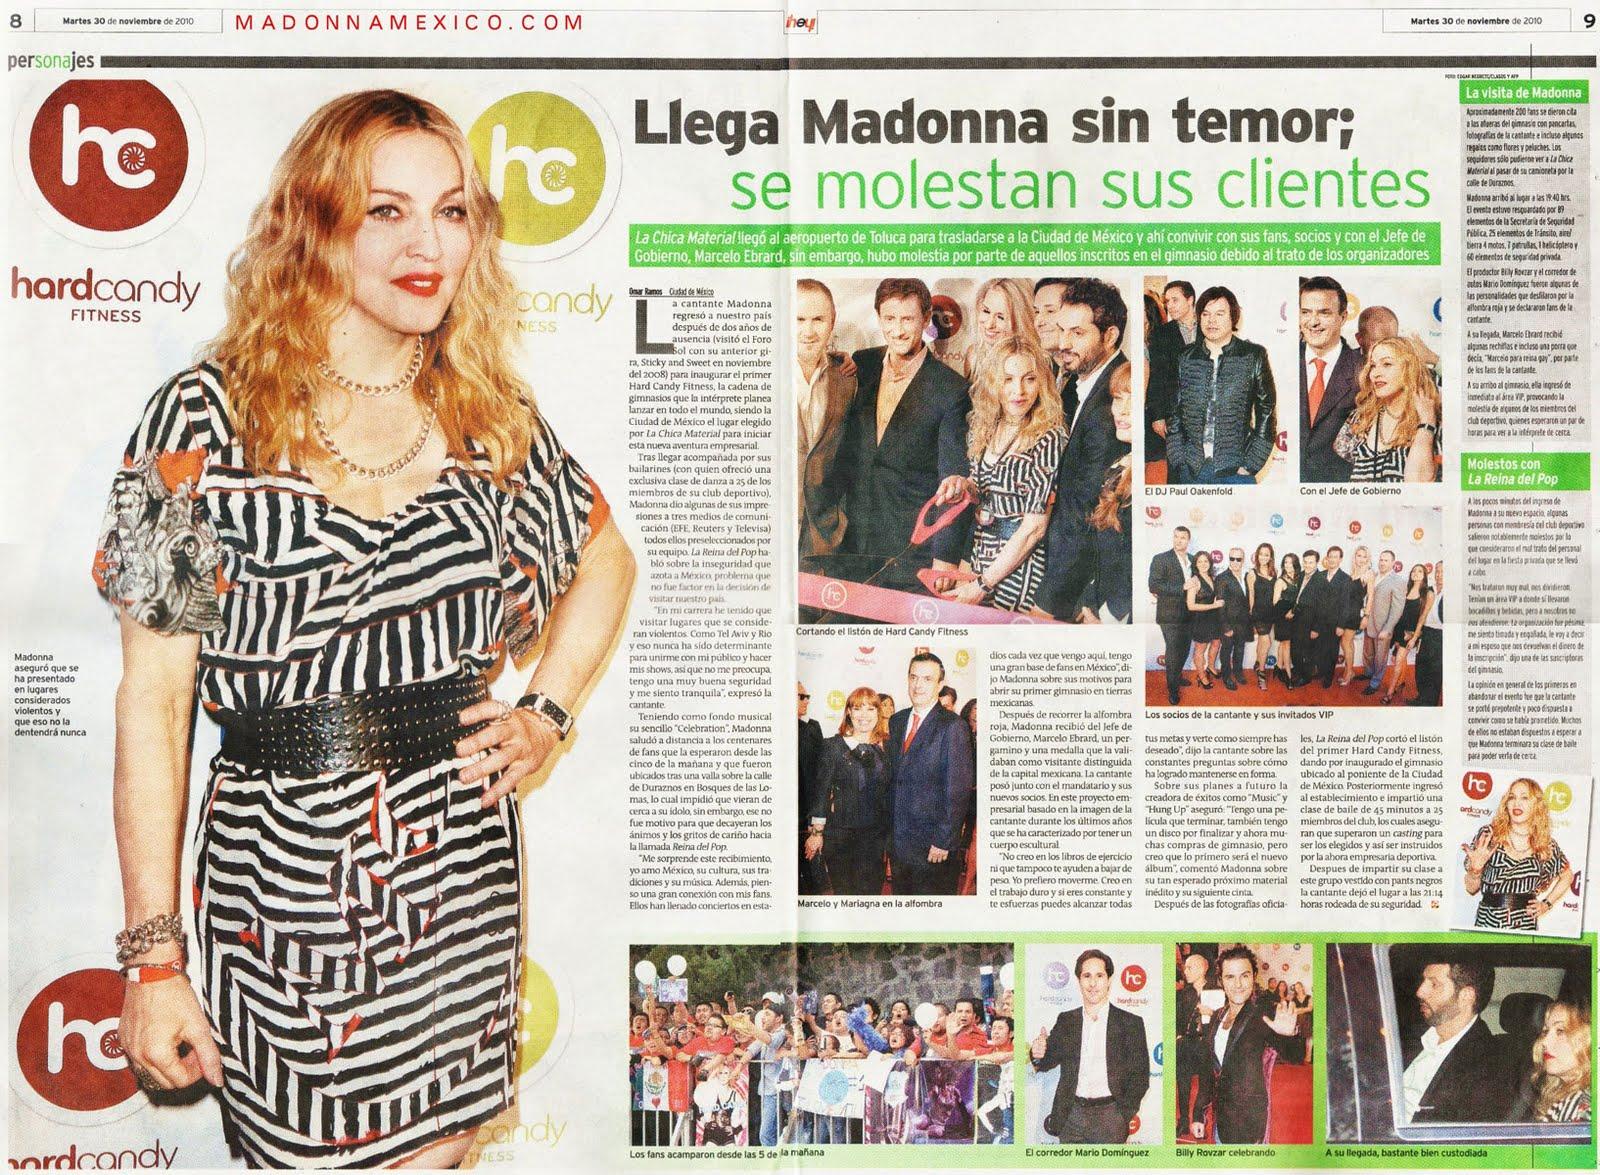 http://4.bp.blogspot.com/_9FKgD1gh7uI/TQEitBtY_RI/AAAAAAAADAQ/Xmn_z8QgxZI/s1600/10-12-01-madonna-mexico-press-07.jpg